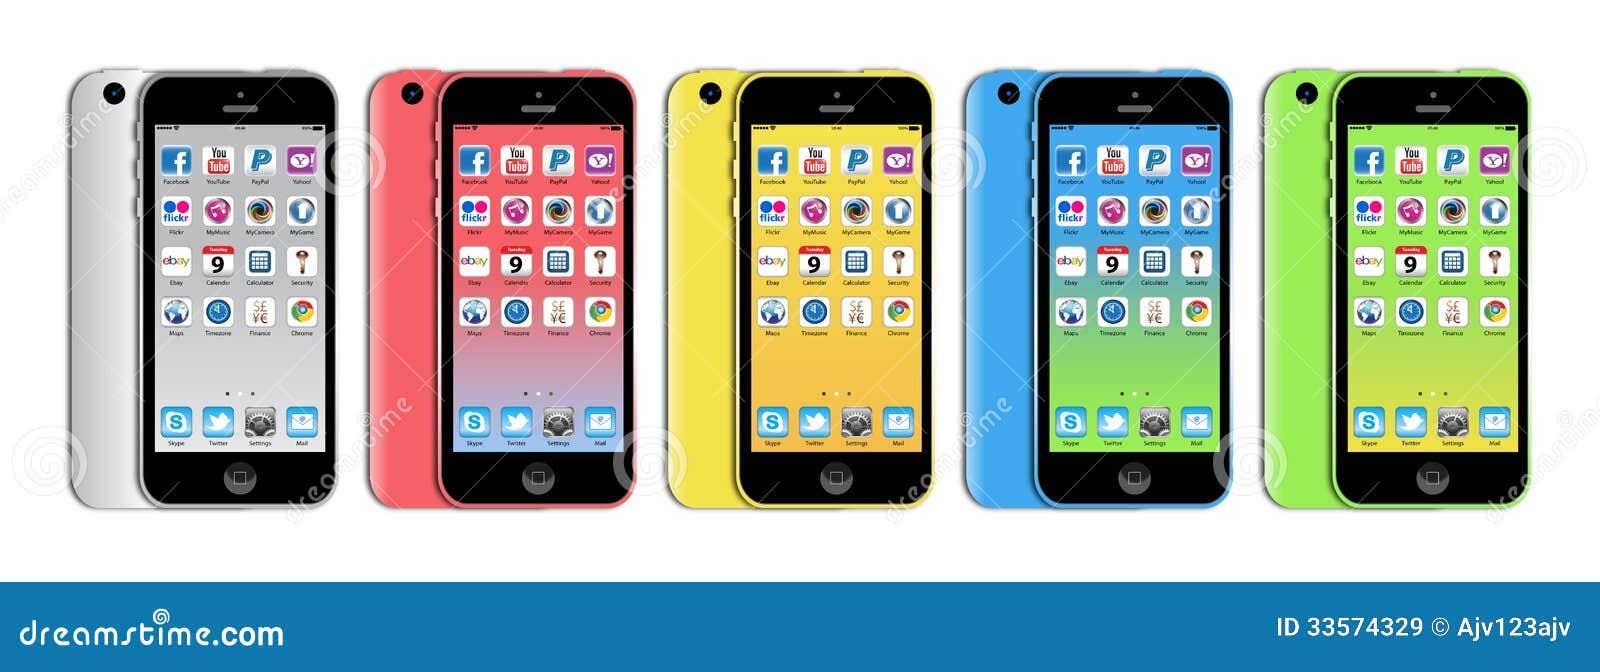 Nieuwe Iphone 5c Installeren